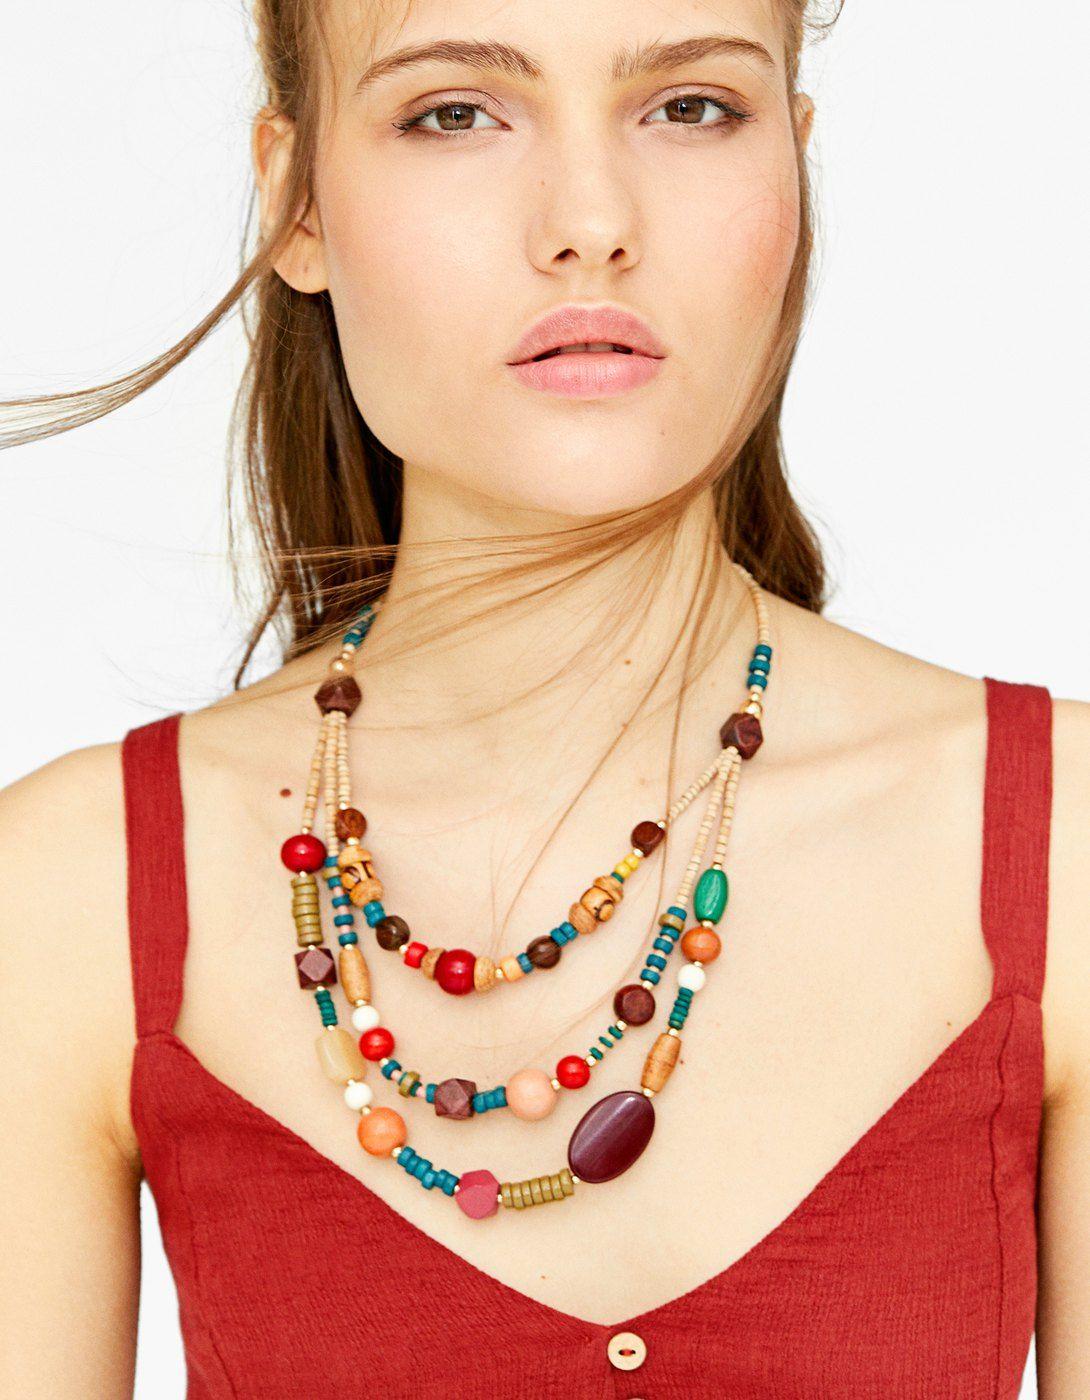 845d6602e210 Descubre los collares tendencia 2019. Bisutería de moda bershka ...